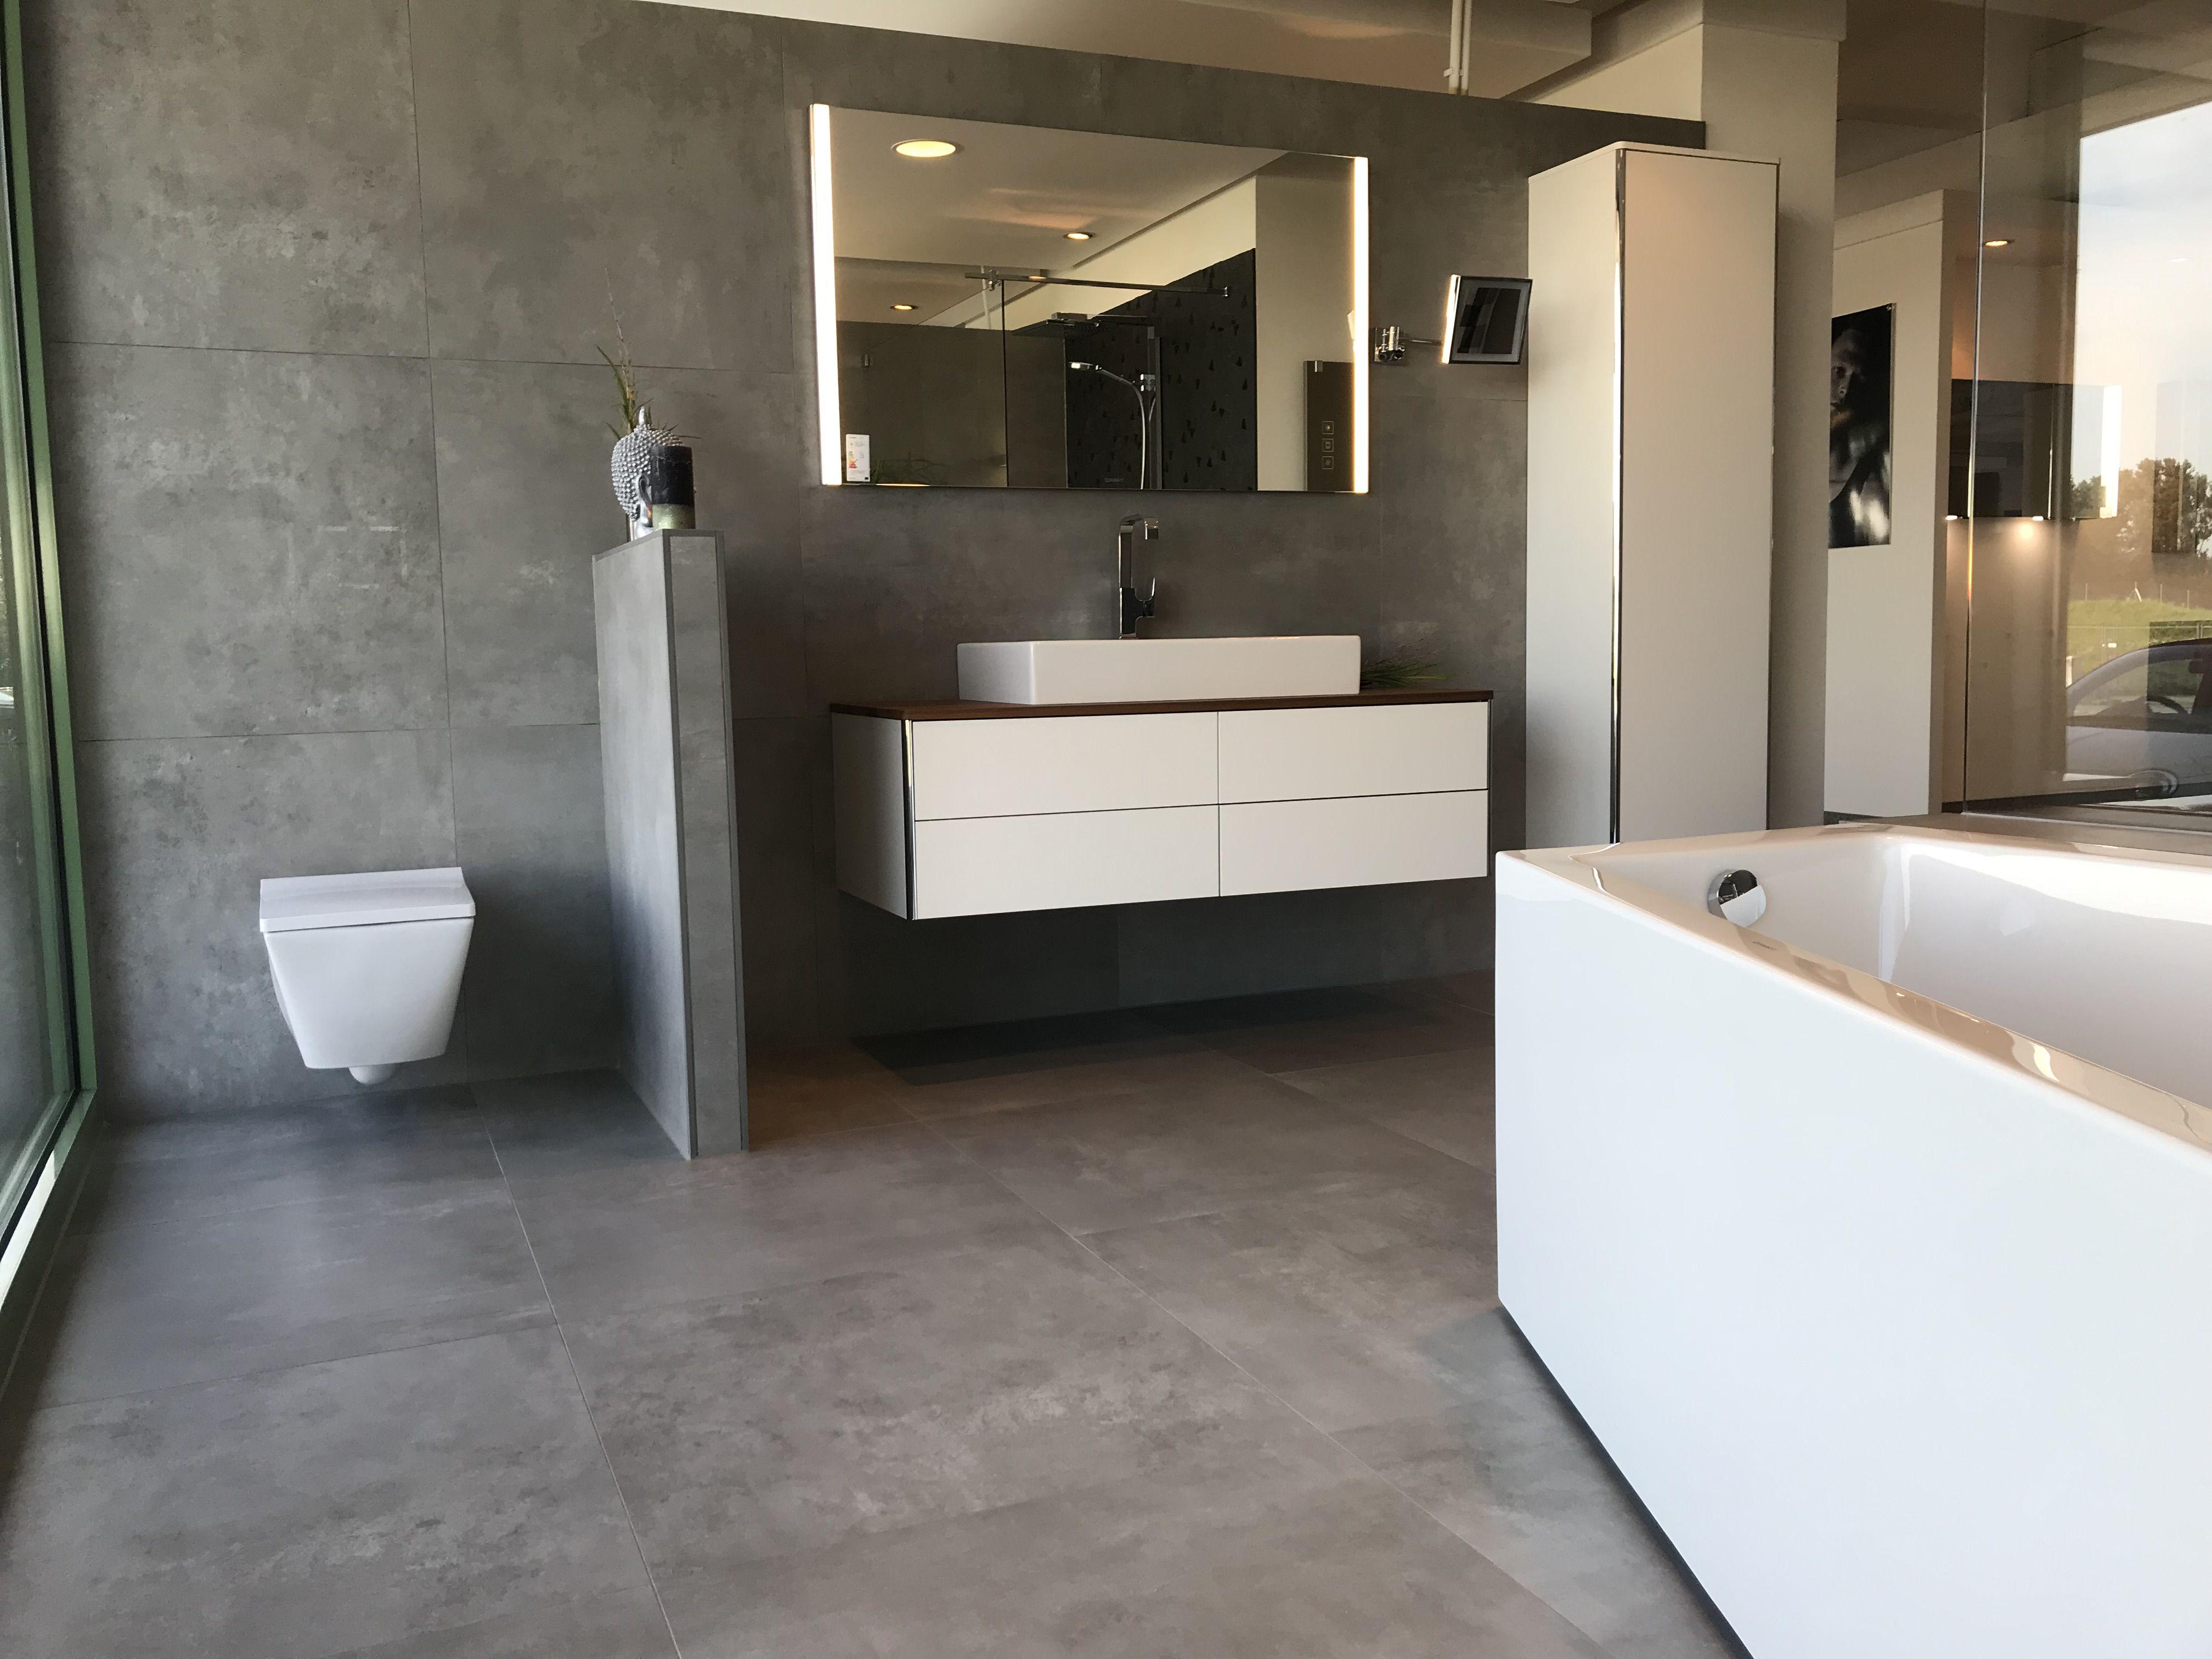 Neue Badgestaltung Bei Der Fa Reisser Badgestaltung Bad Ausbau